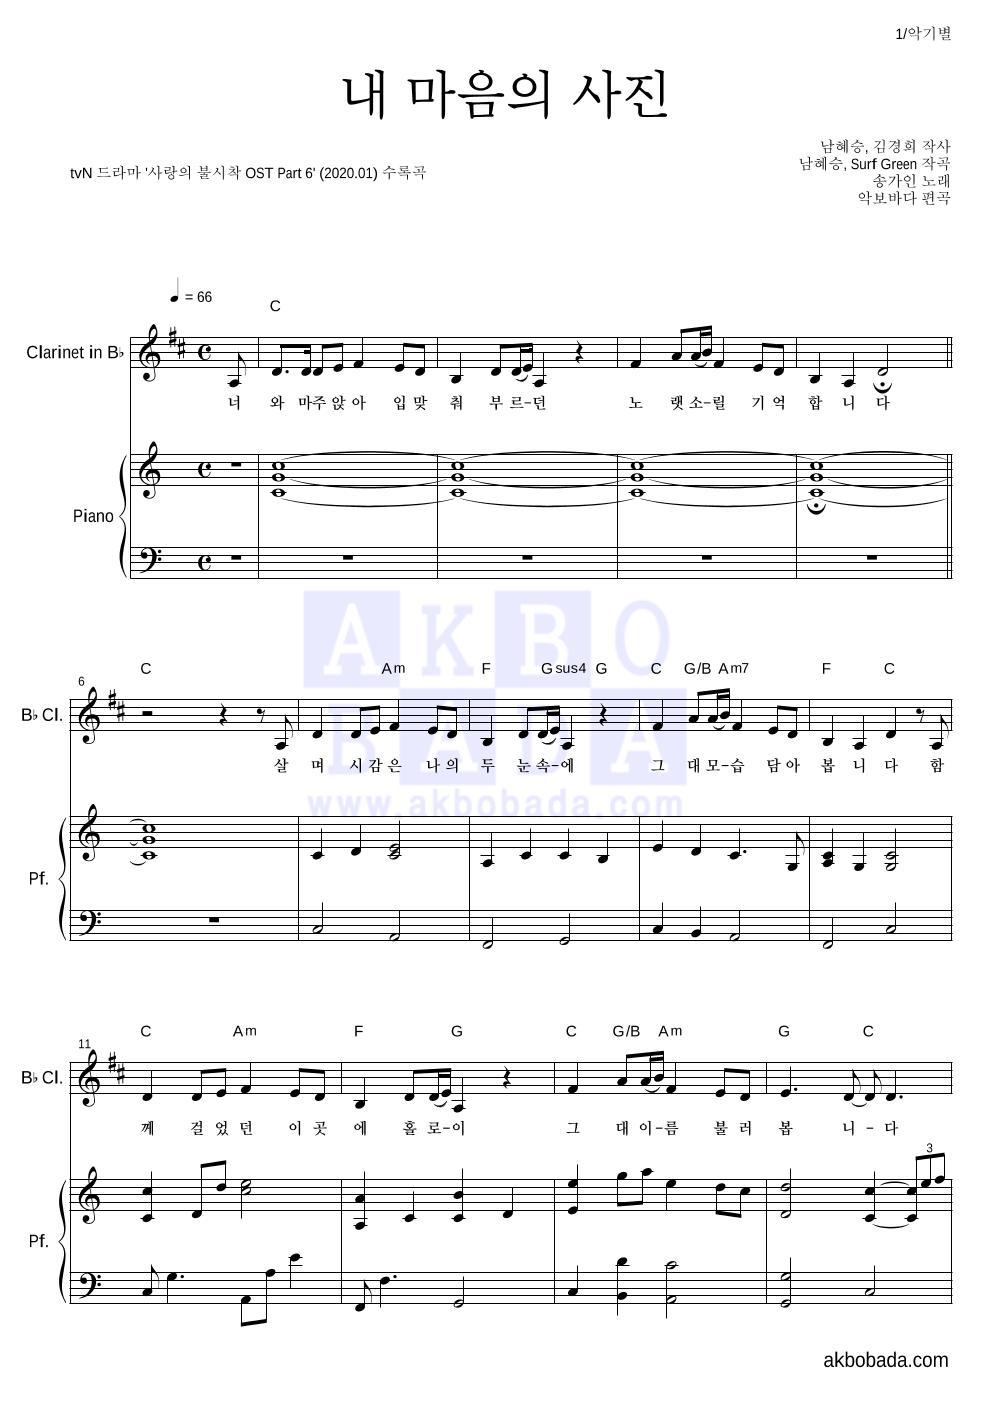 송가인 - 내 마음의 사진 클라리넷&피아노 악보